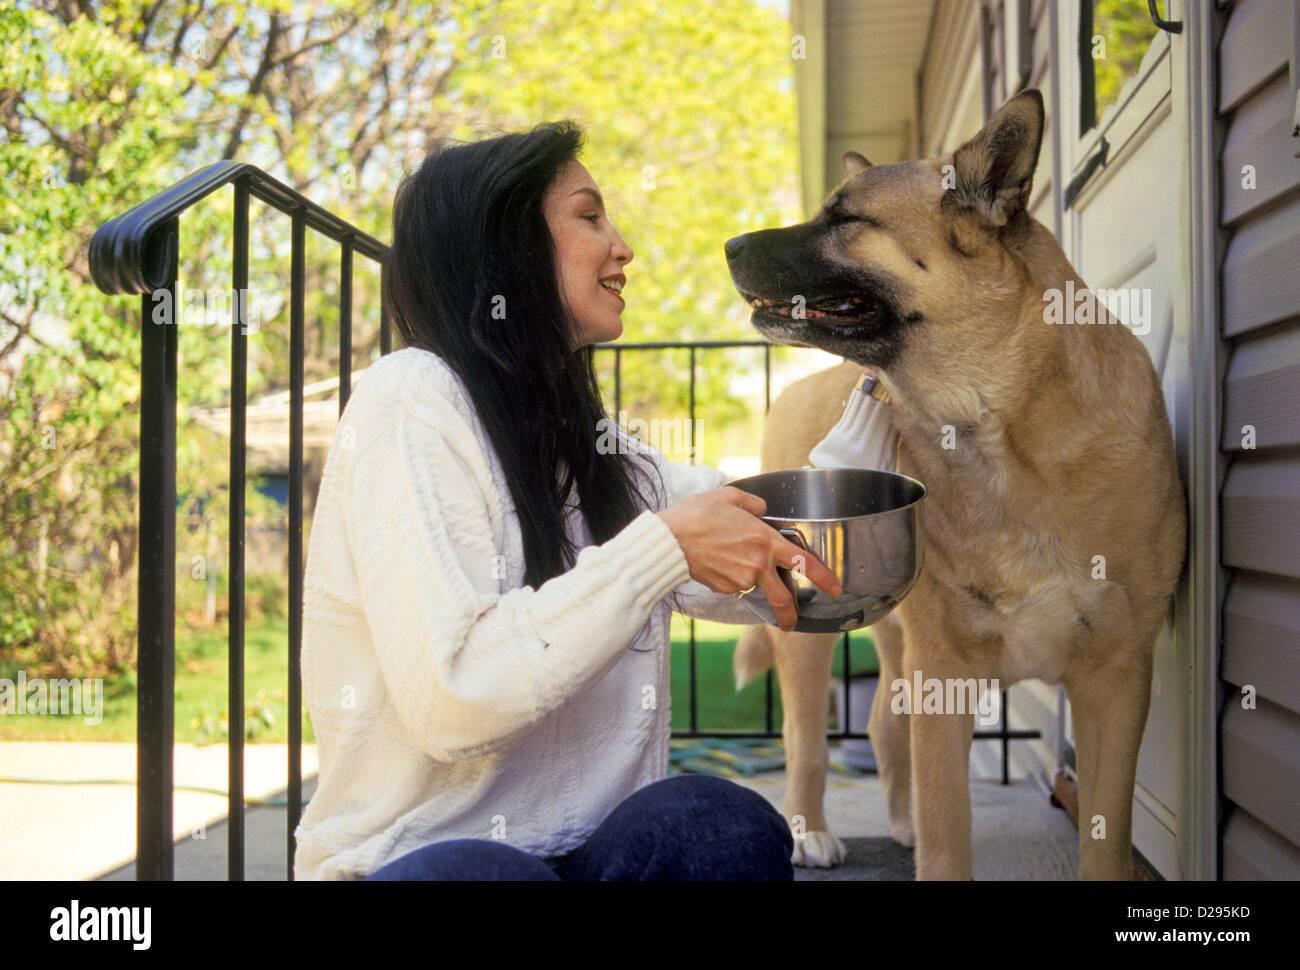 Frau In ihren 30ern betrachten ihren Hund und bieten ihm Wasser Stockbild